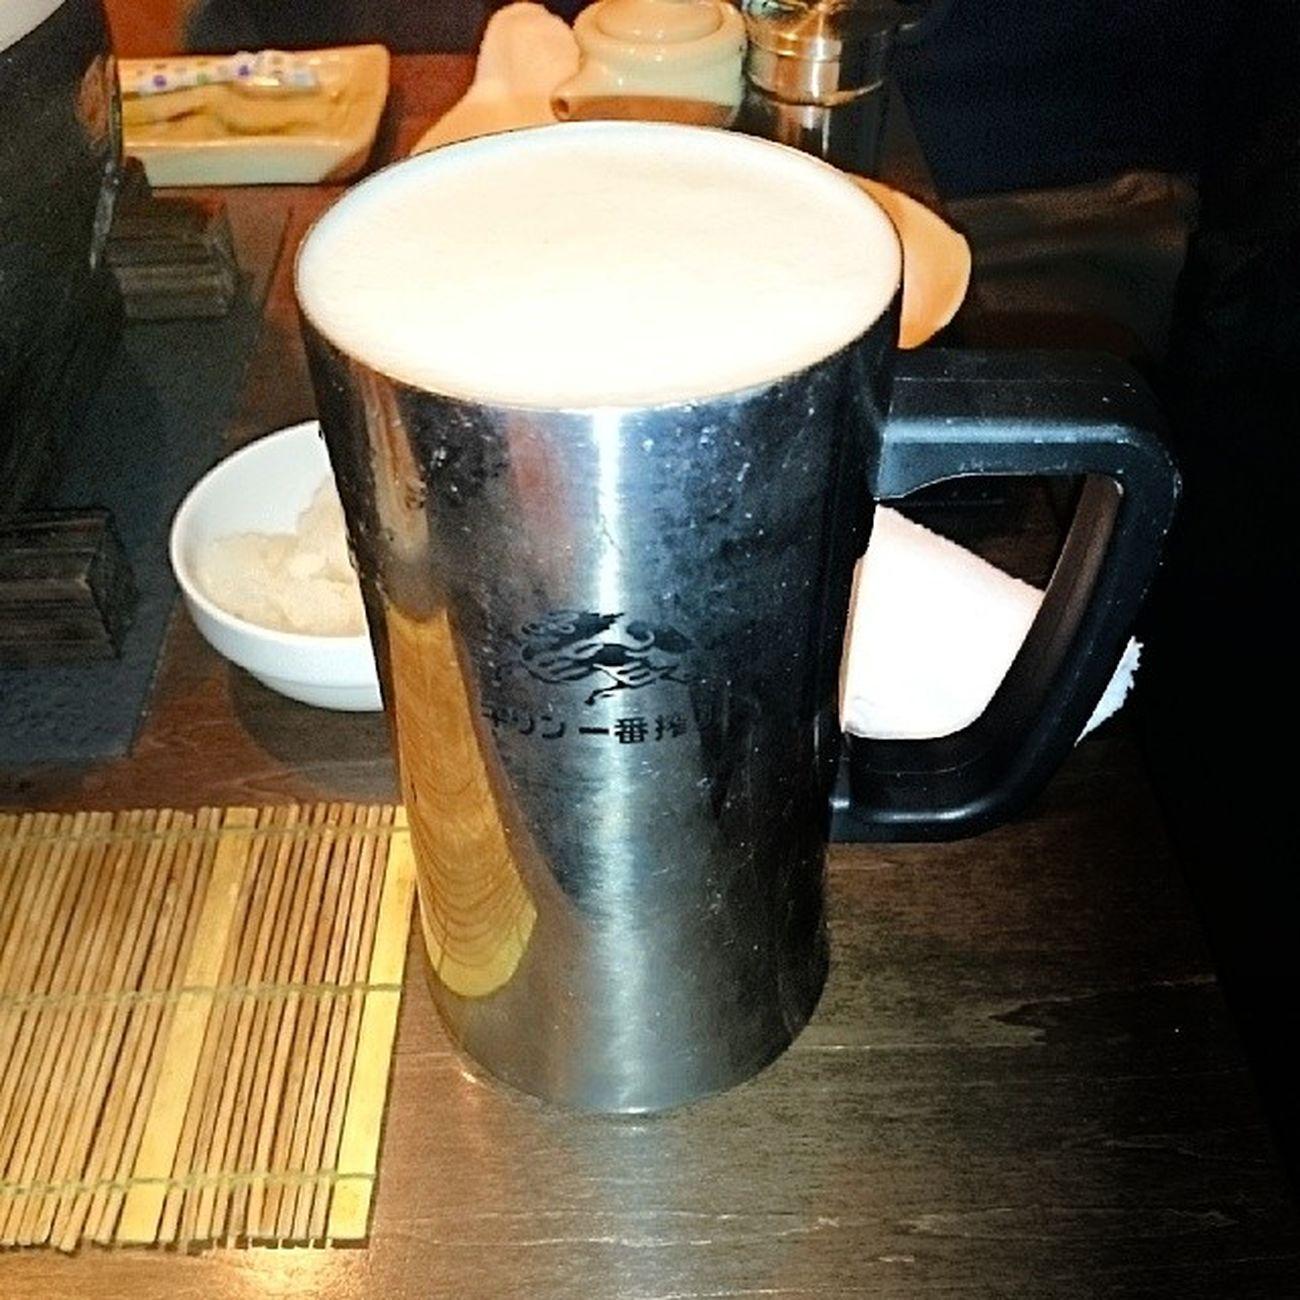 ステンレスのコップで生ビールおん